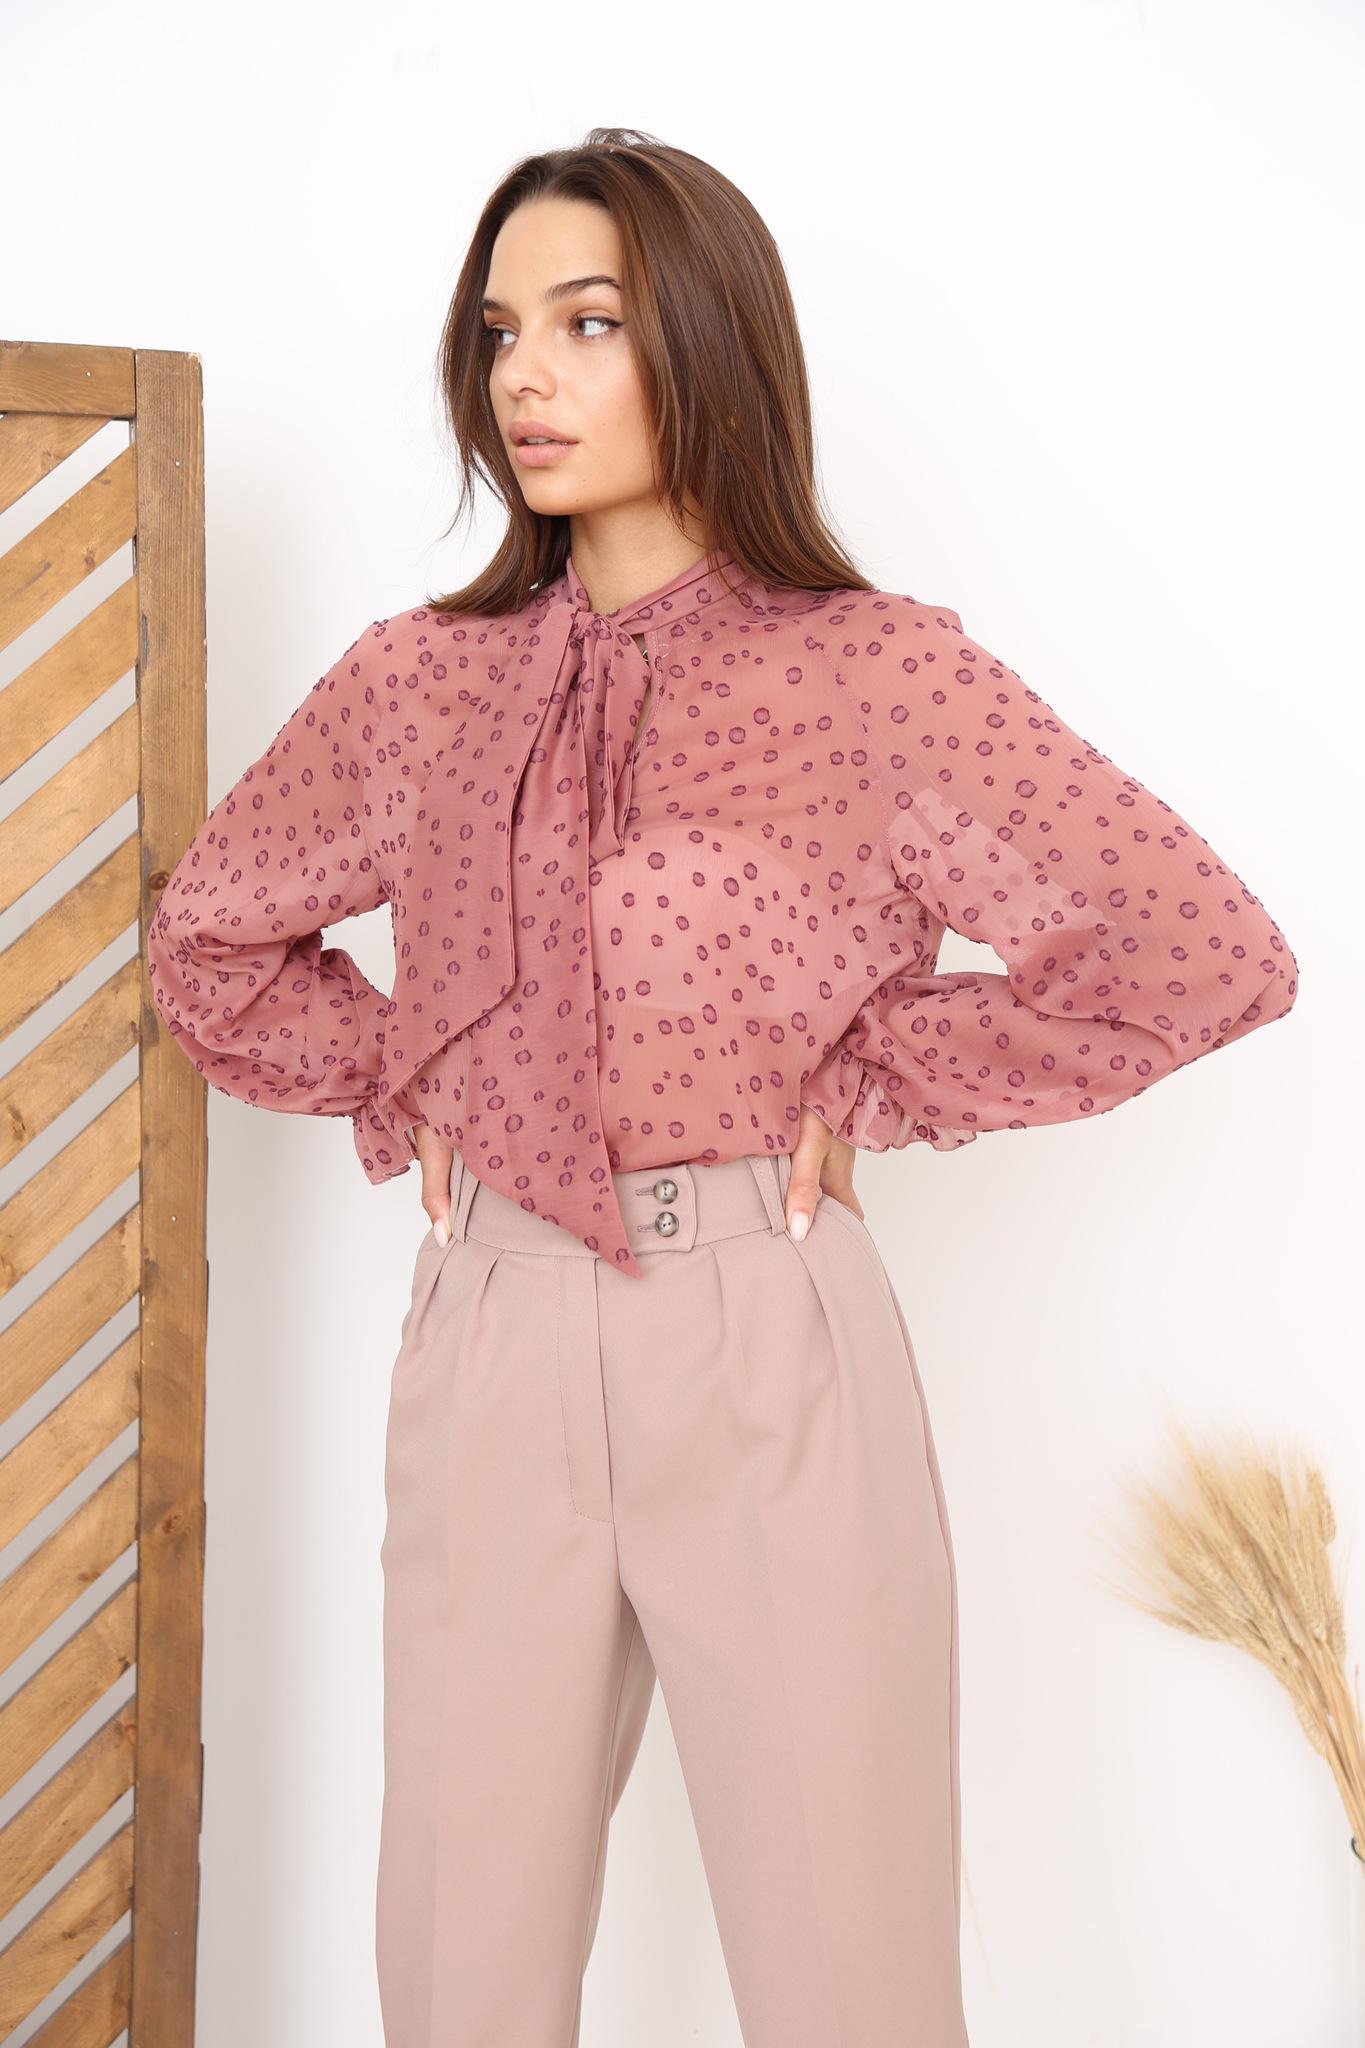 Блуза с бантом из шифона (пятна на розовом)